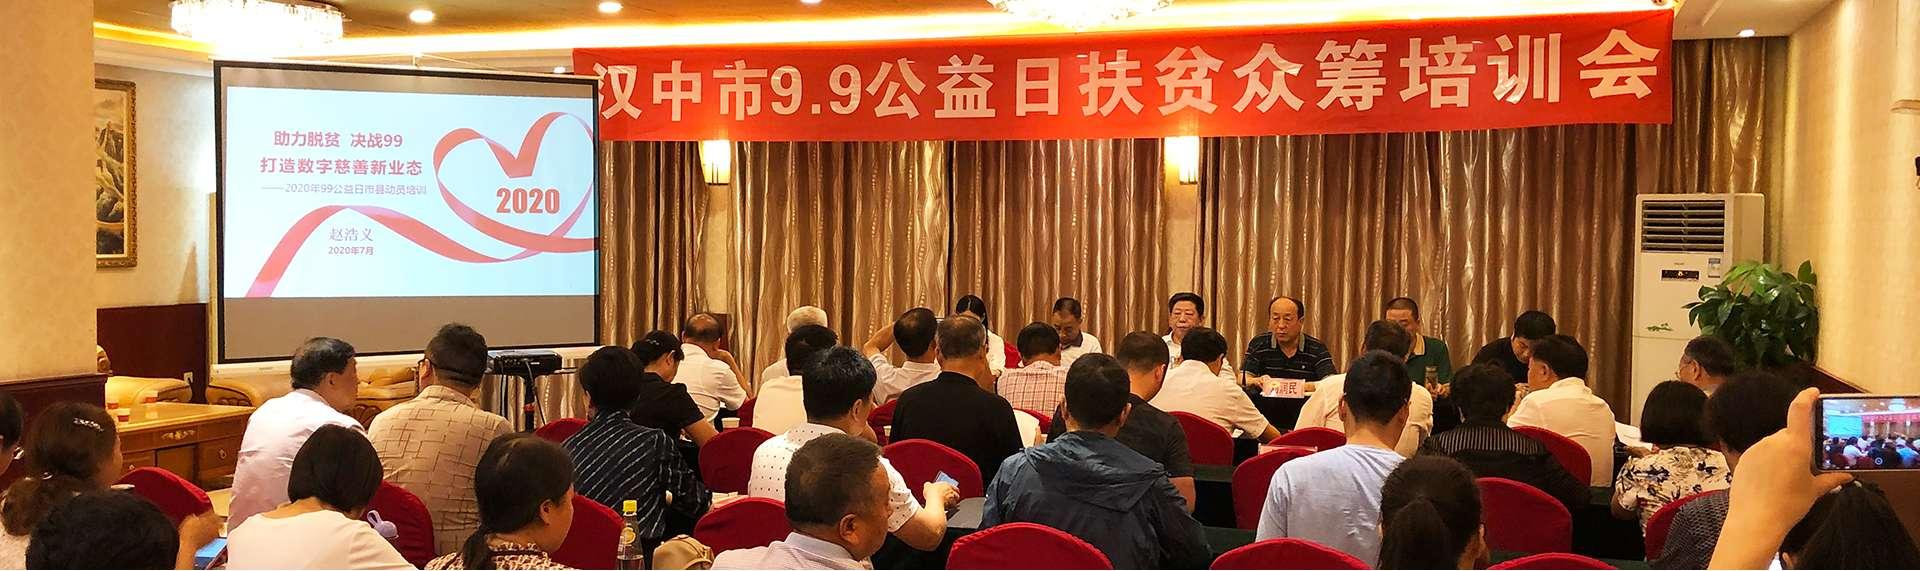 汉中市99公益日扶贫众筹培训会